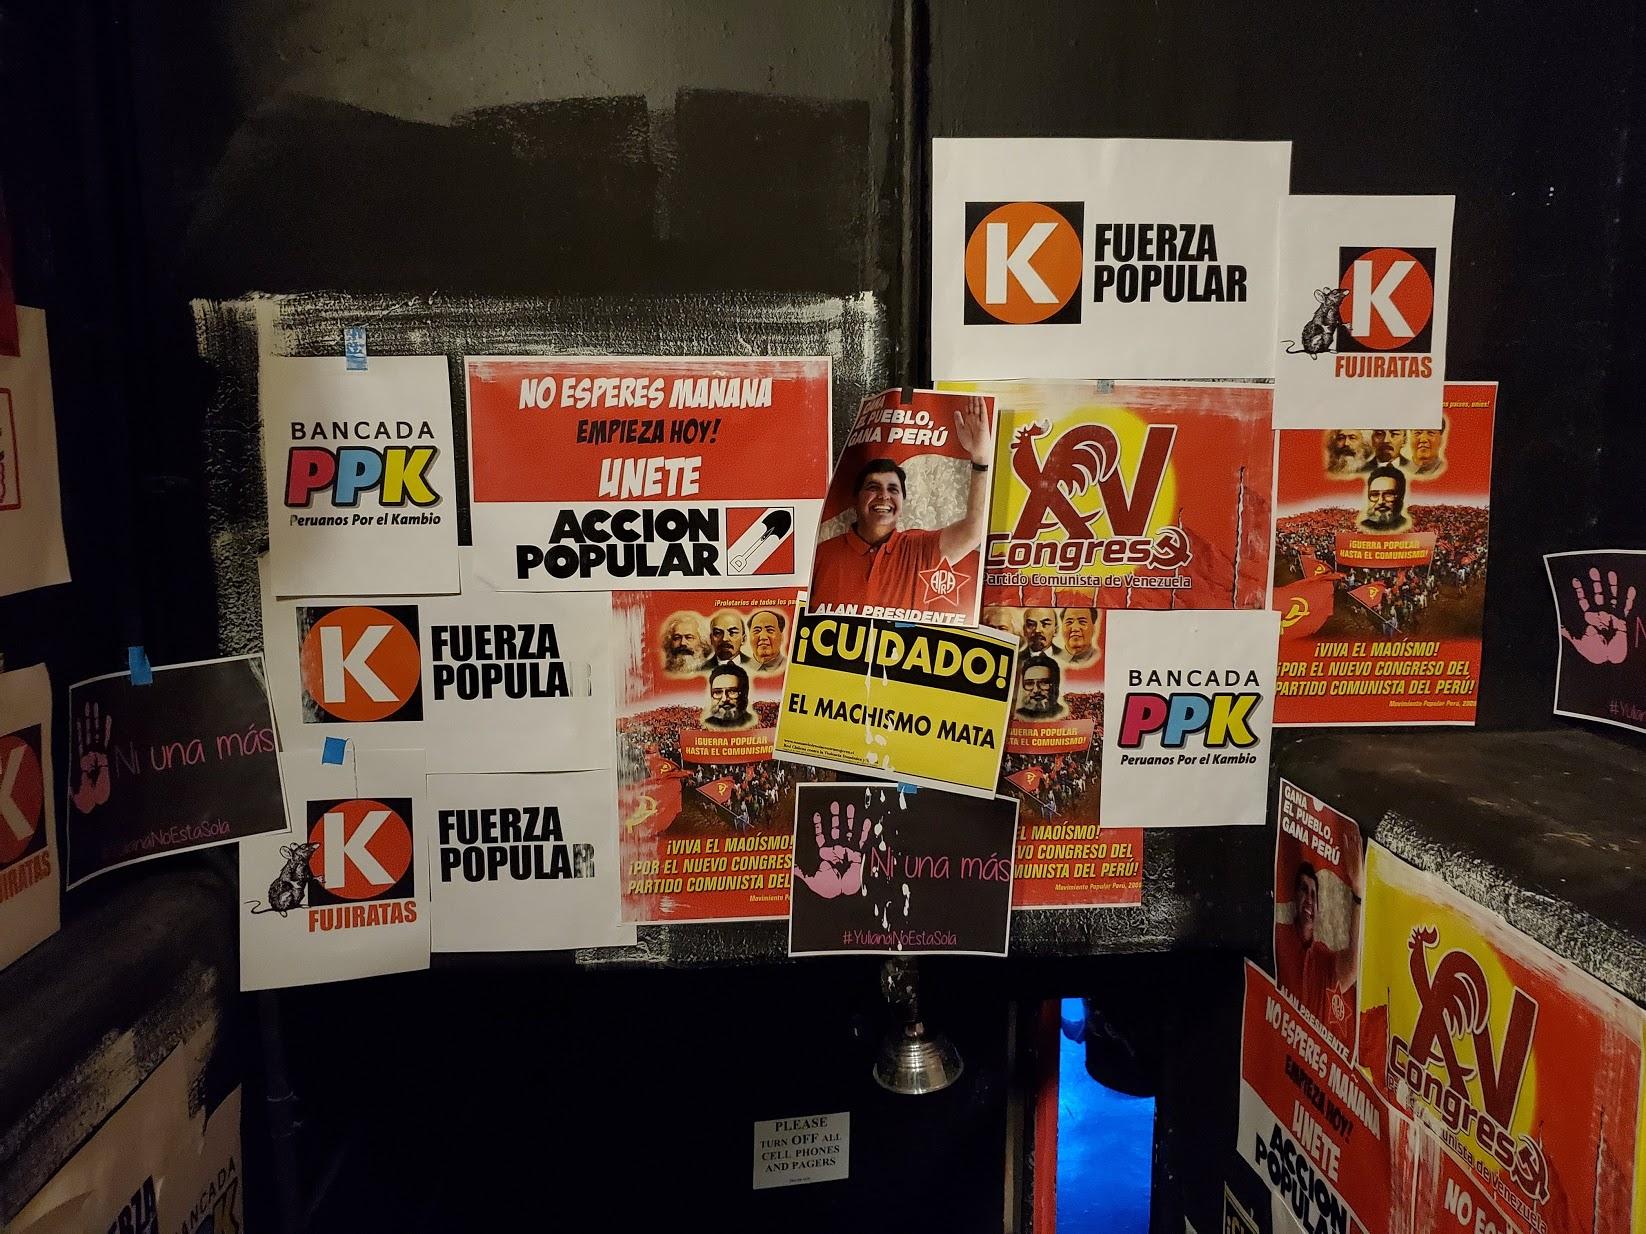 Various Peruvian political parties